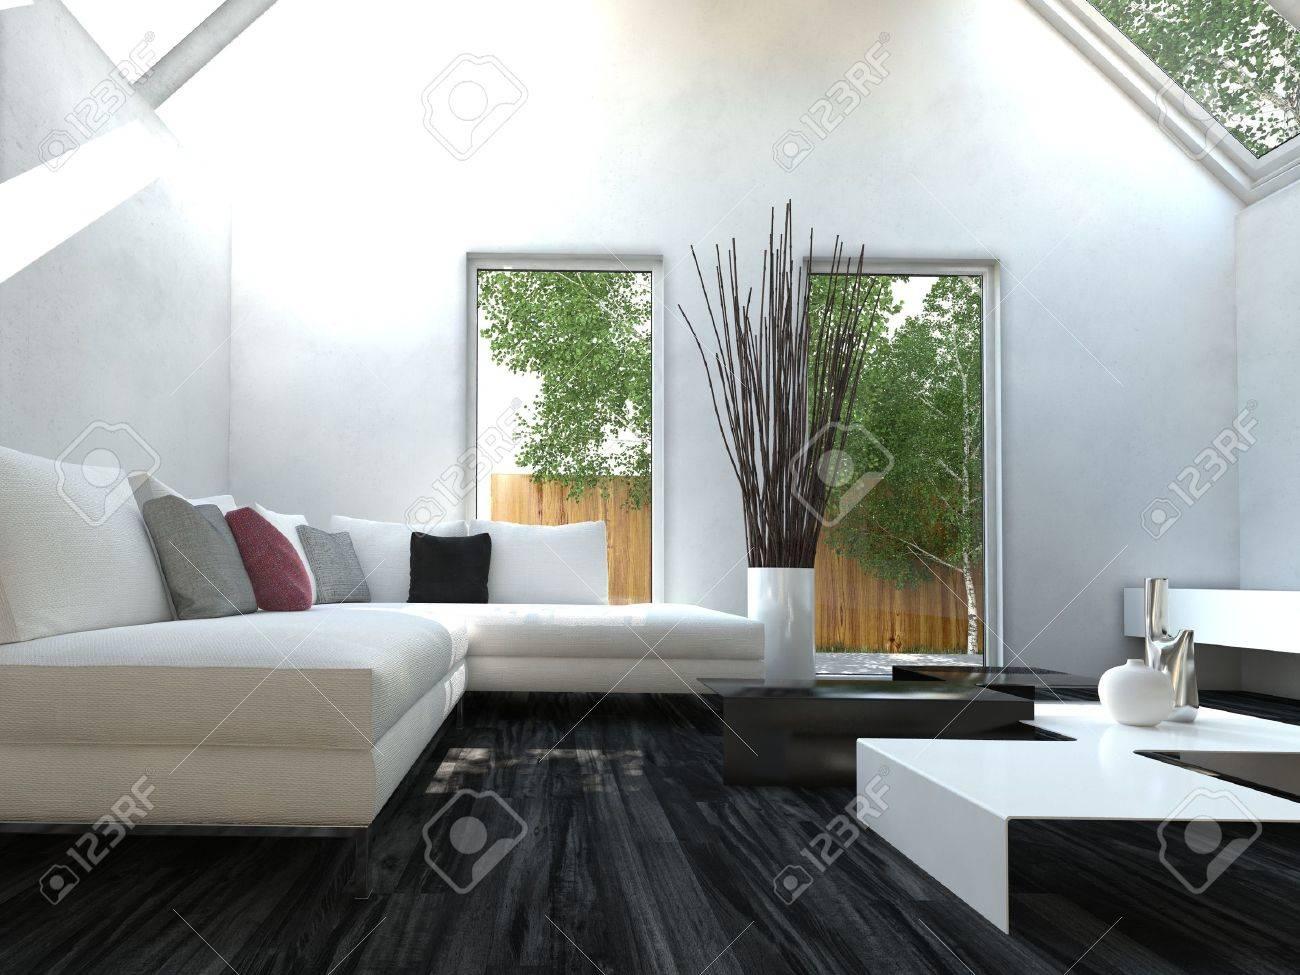 Moderne Schwarz-Weiß-Design-Stil Wohnzimmer Innenraum Mit Schönen ...